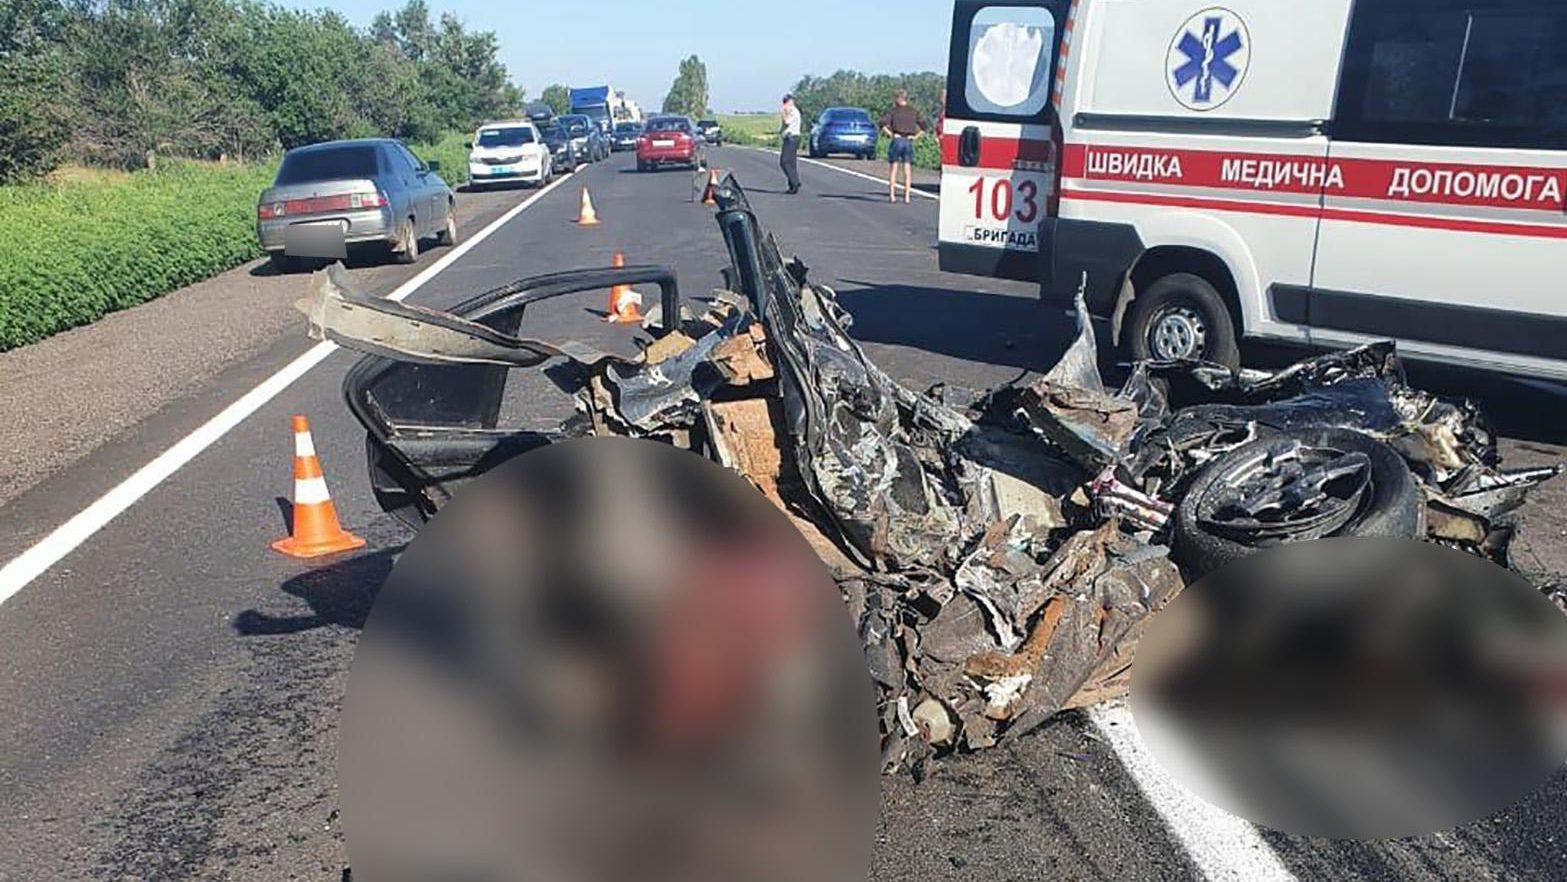 На запорожской трассе BМW во время обгона врезался в грузовик: погибли четыре человека, – ФОТО